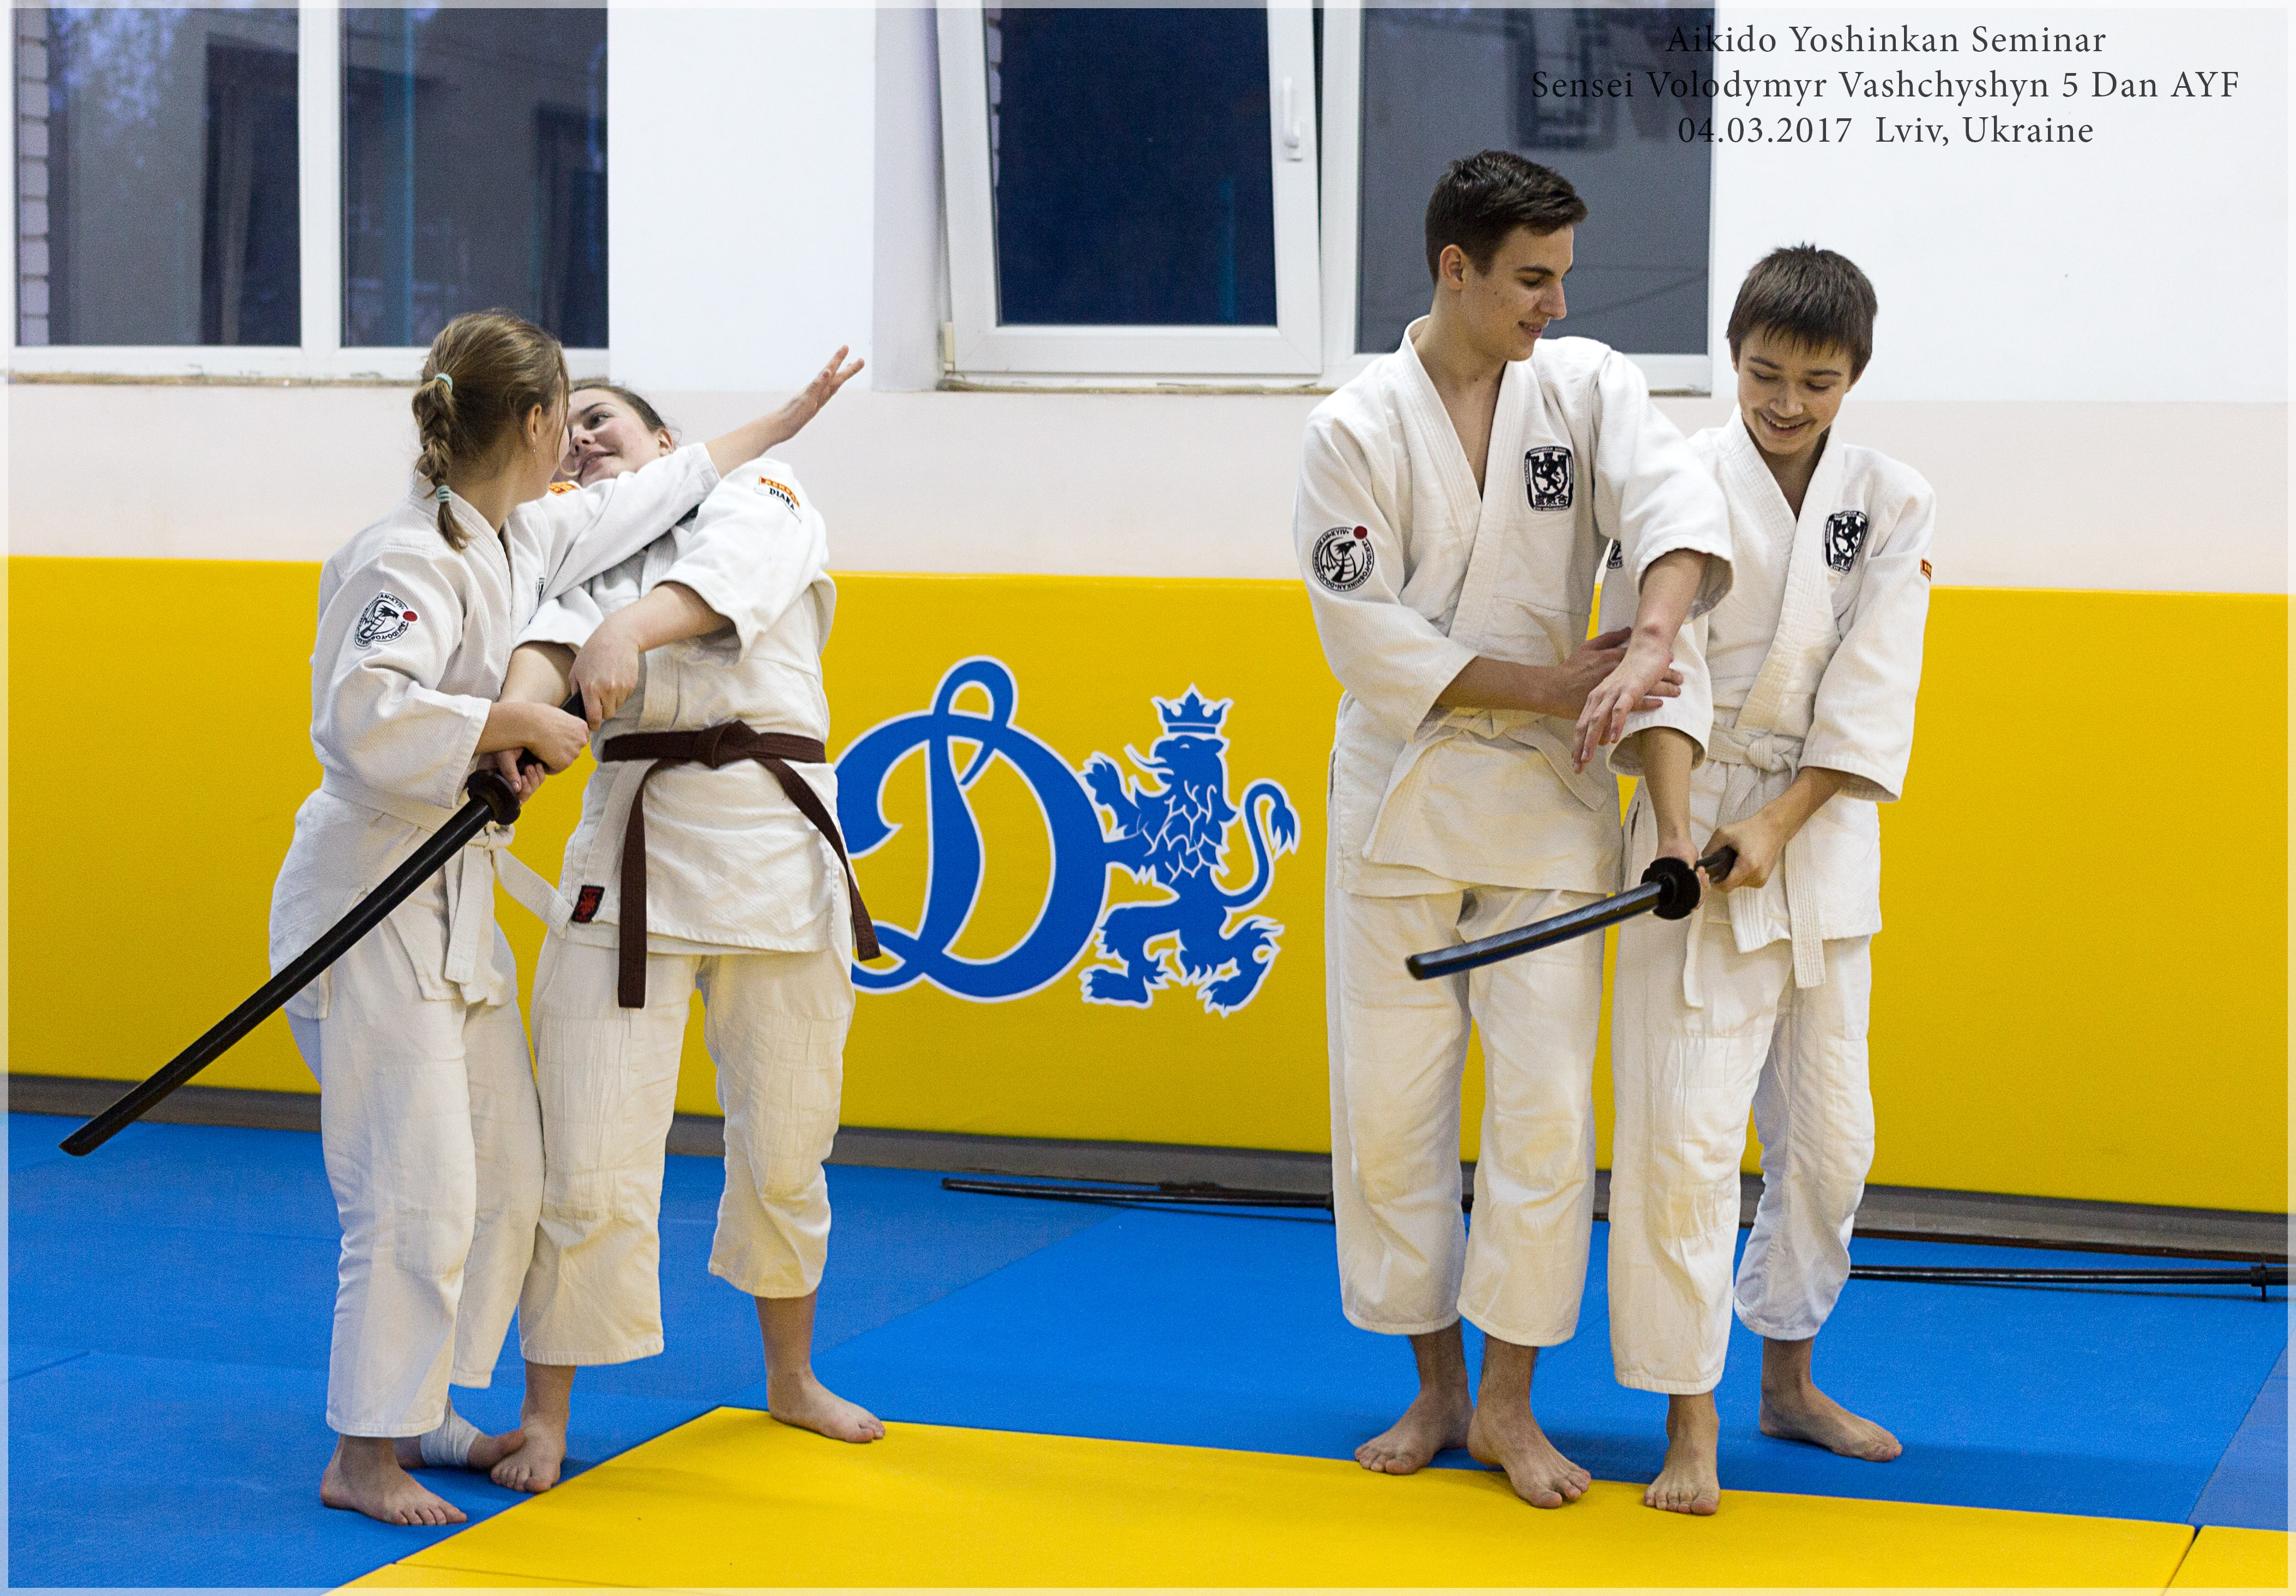 16 айкидо-семинар-киев-львов-сенсей-спорт-min